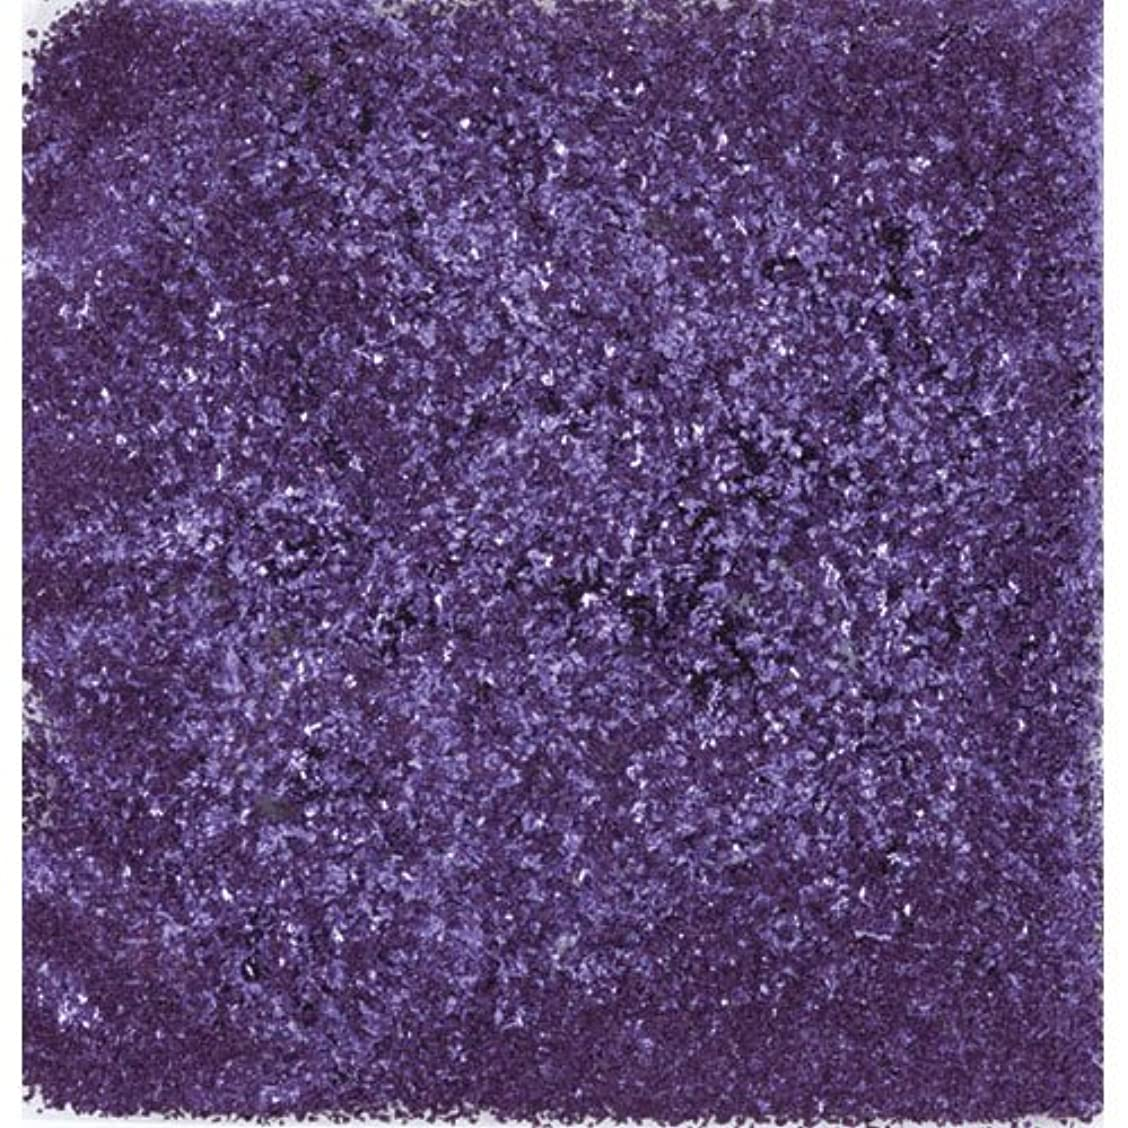 固める問い合わせる寝てるピカエース ネイル用パウダー シャインフレーク #711 江戸紫 0.3g